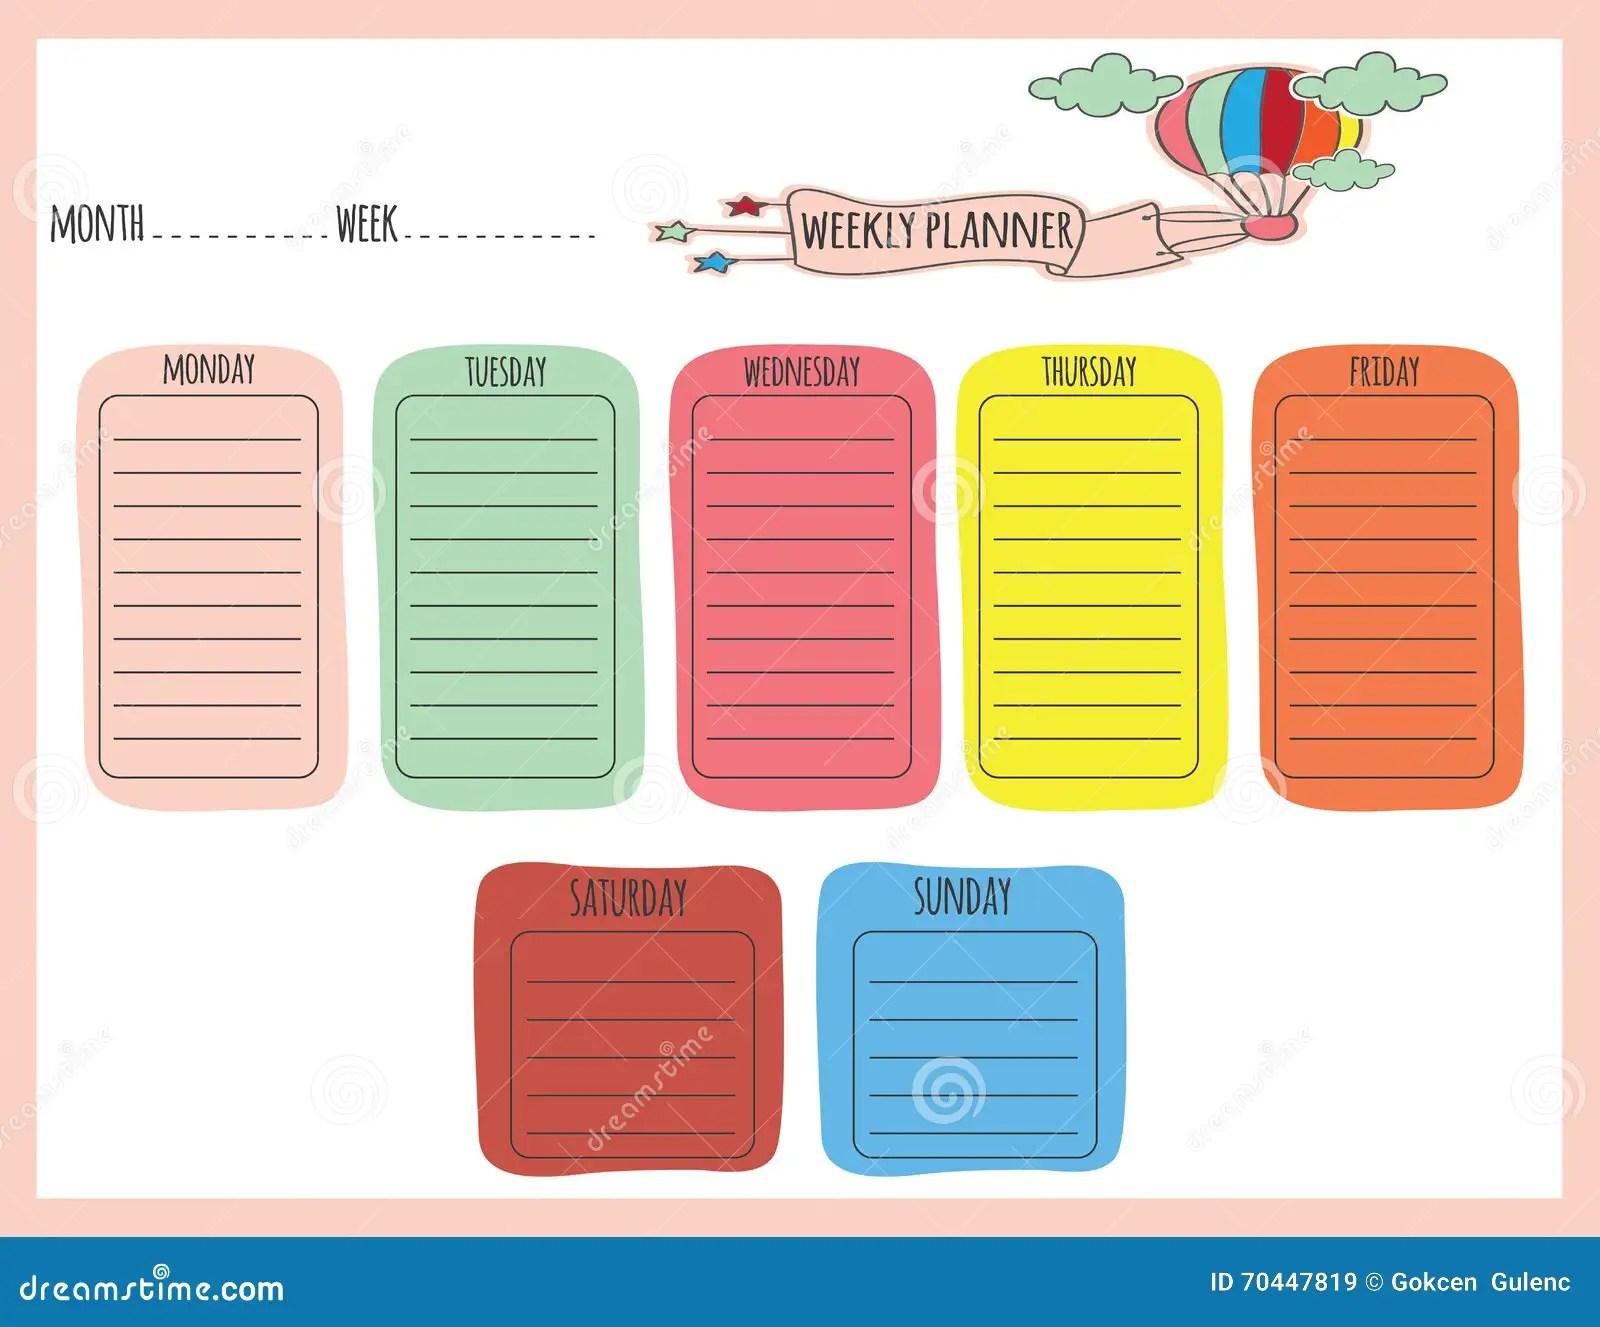 Planificateur Hebdomadaire Mignon Illustration De Vecteur